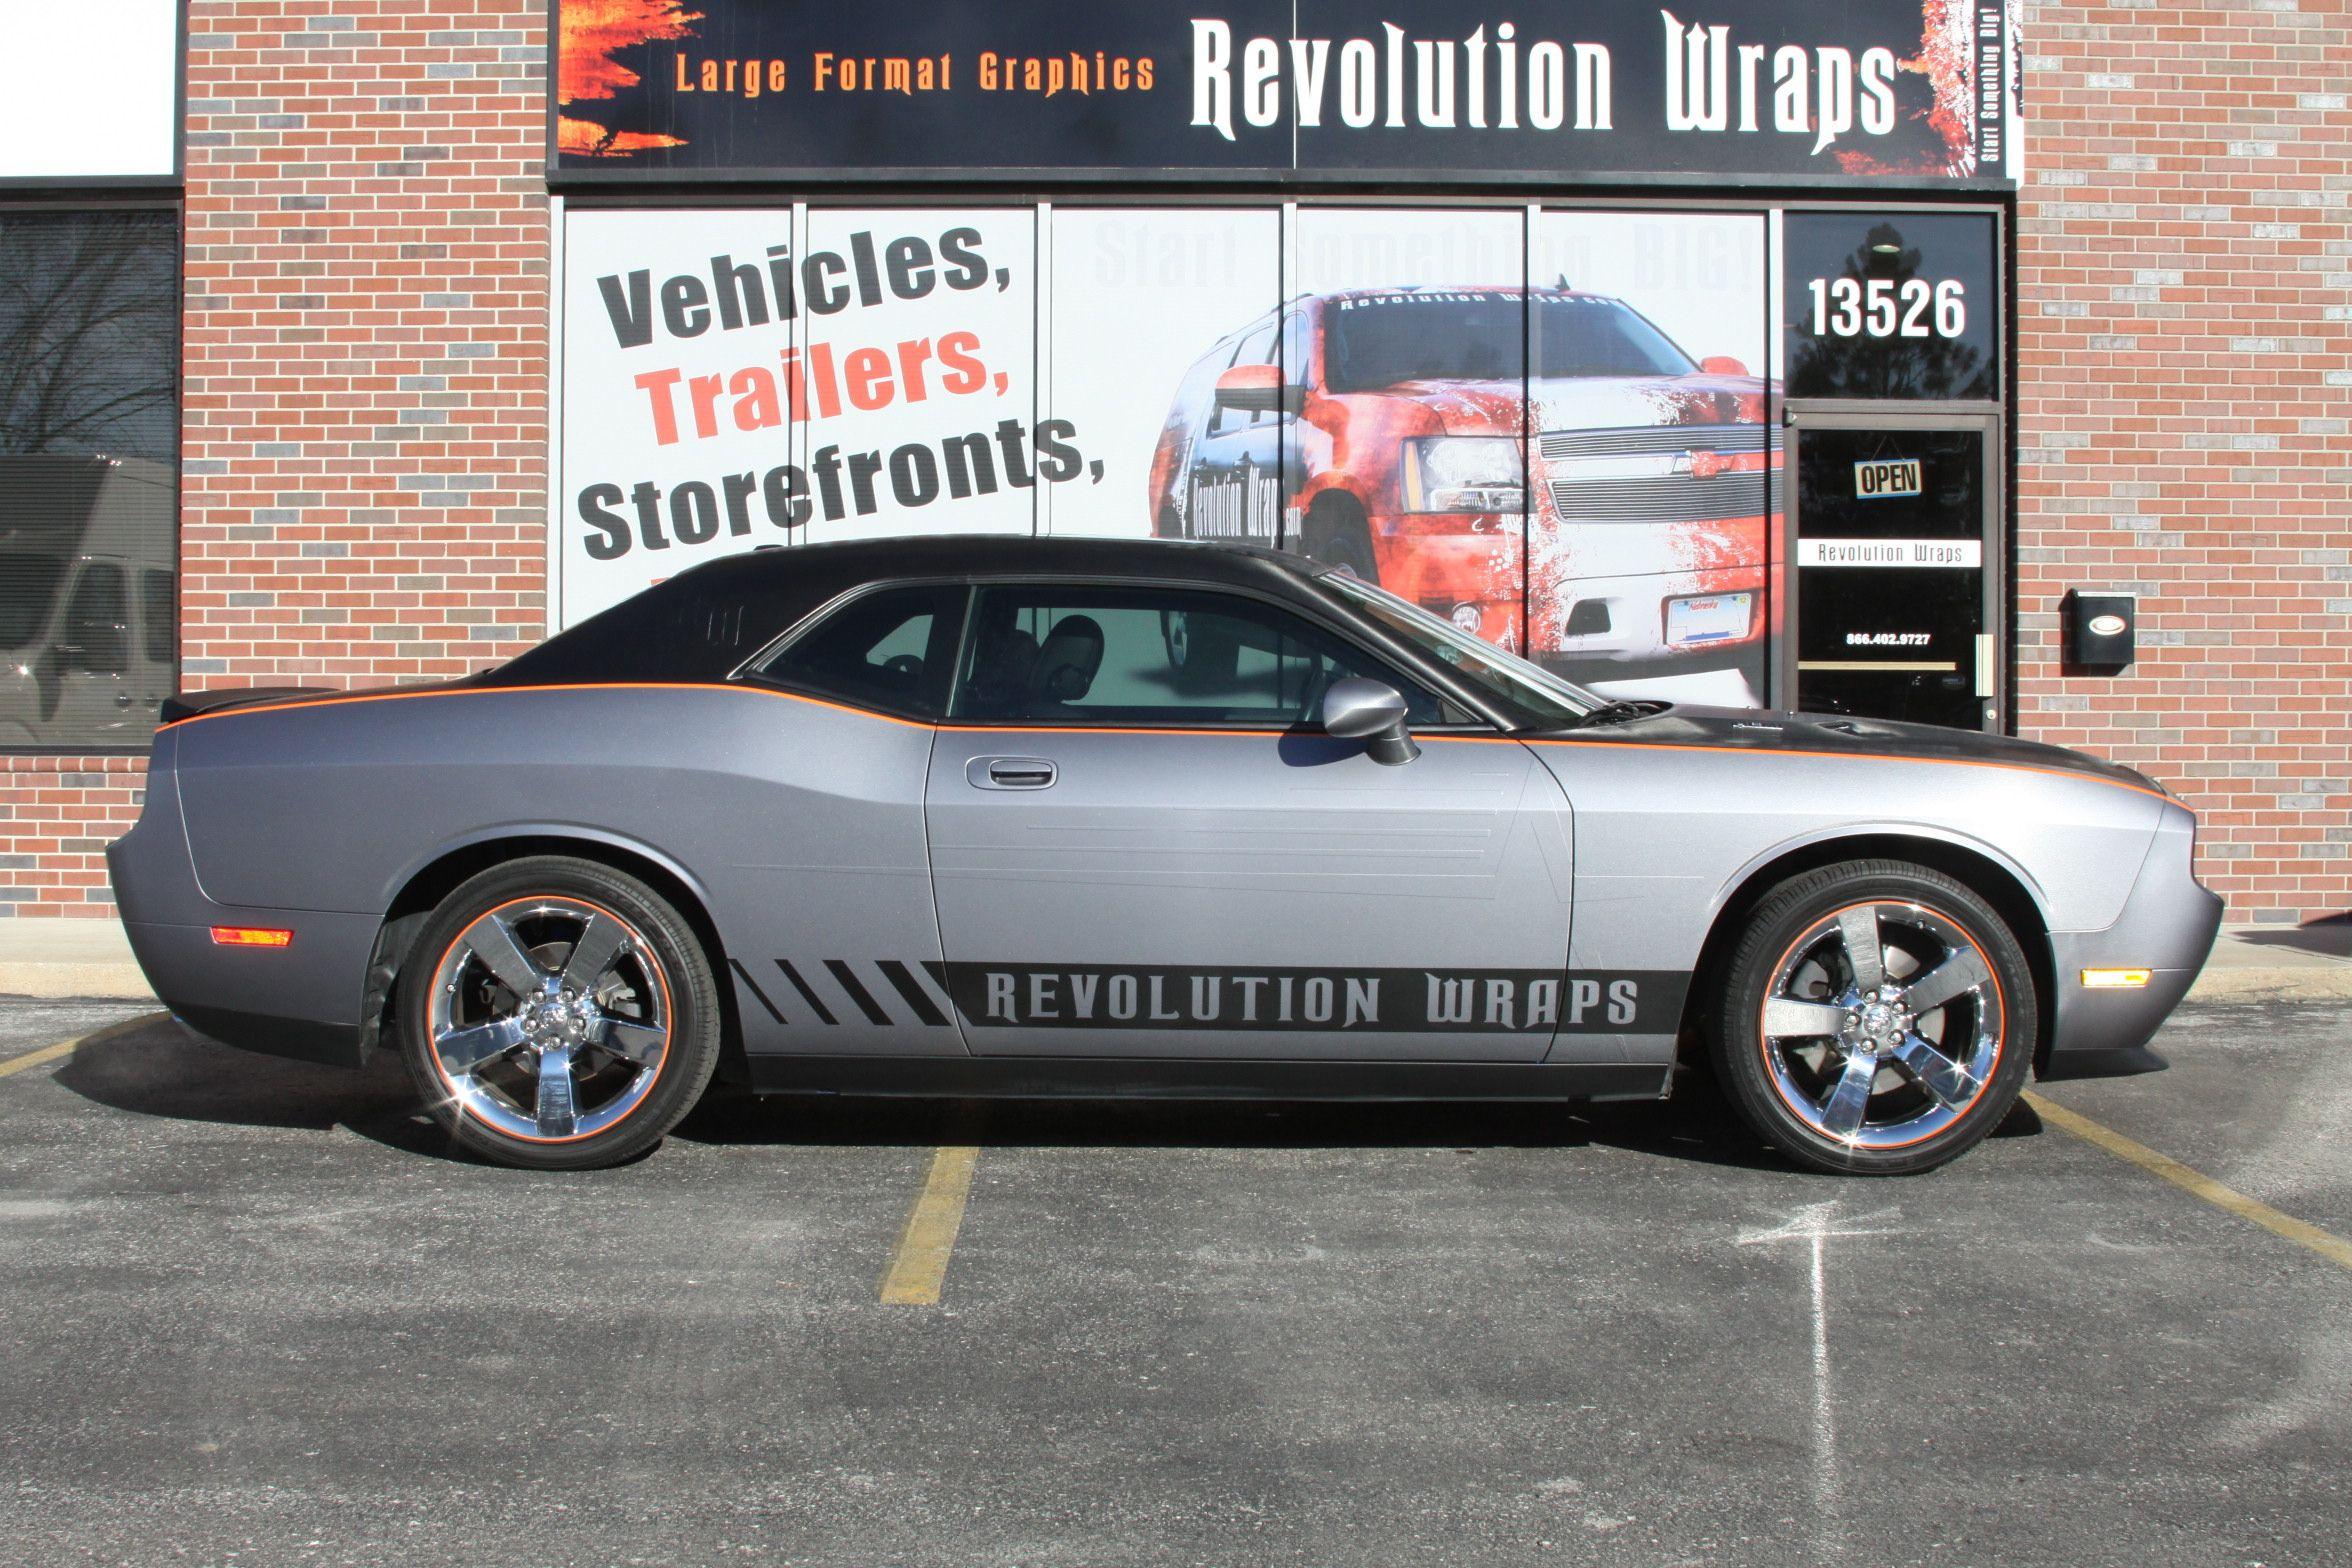 Brushed Metal Vinyl Car Wrap On A Dodge Challenger Car Wrap Dodge Challenger Vehicles